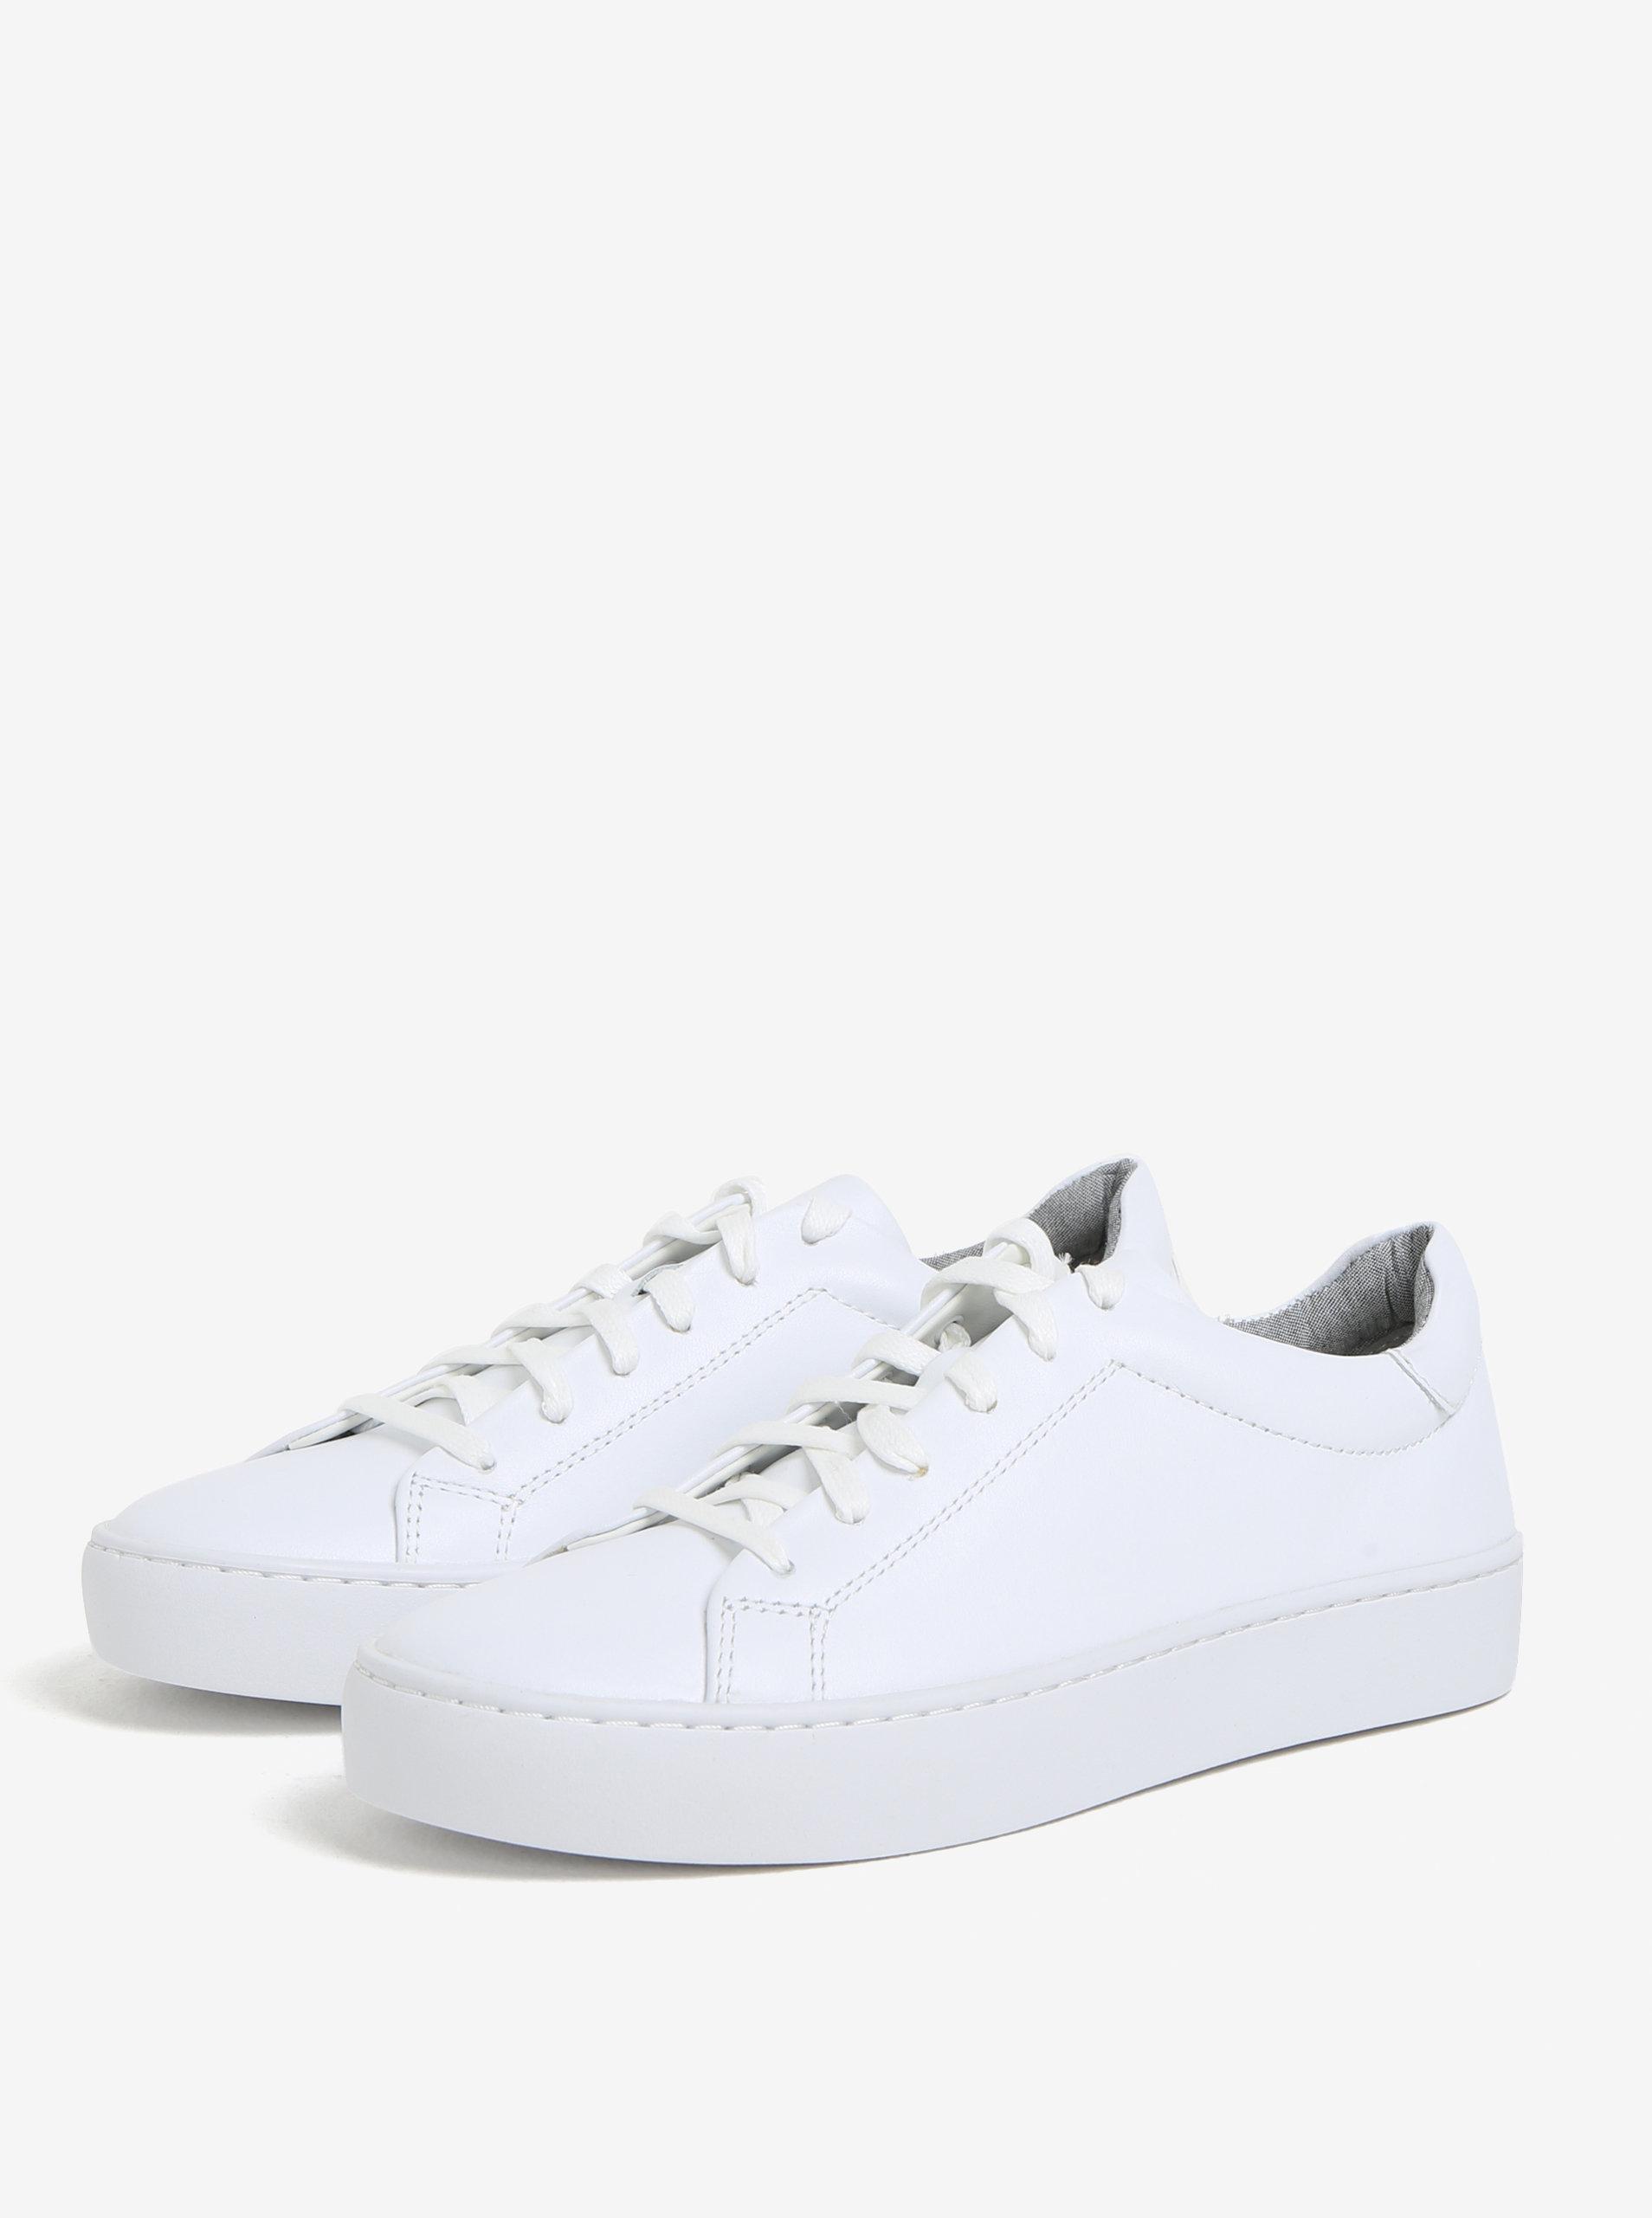 Biele dámske kožené tenisky na platforme Vagabond Zoe ... 1ec8e6a2947